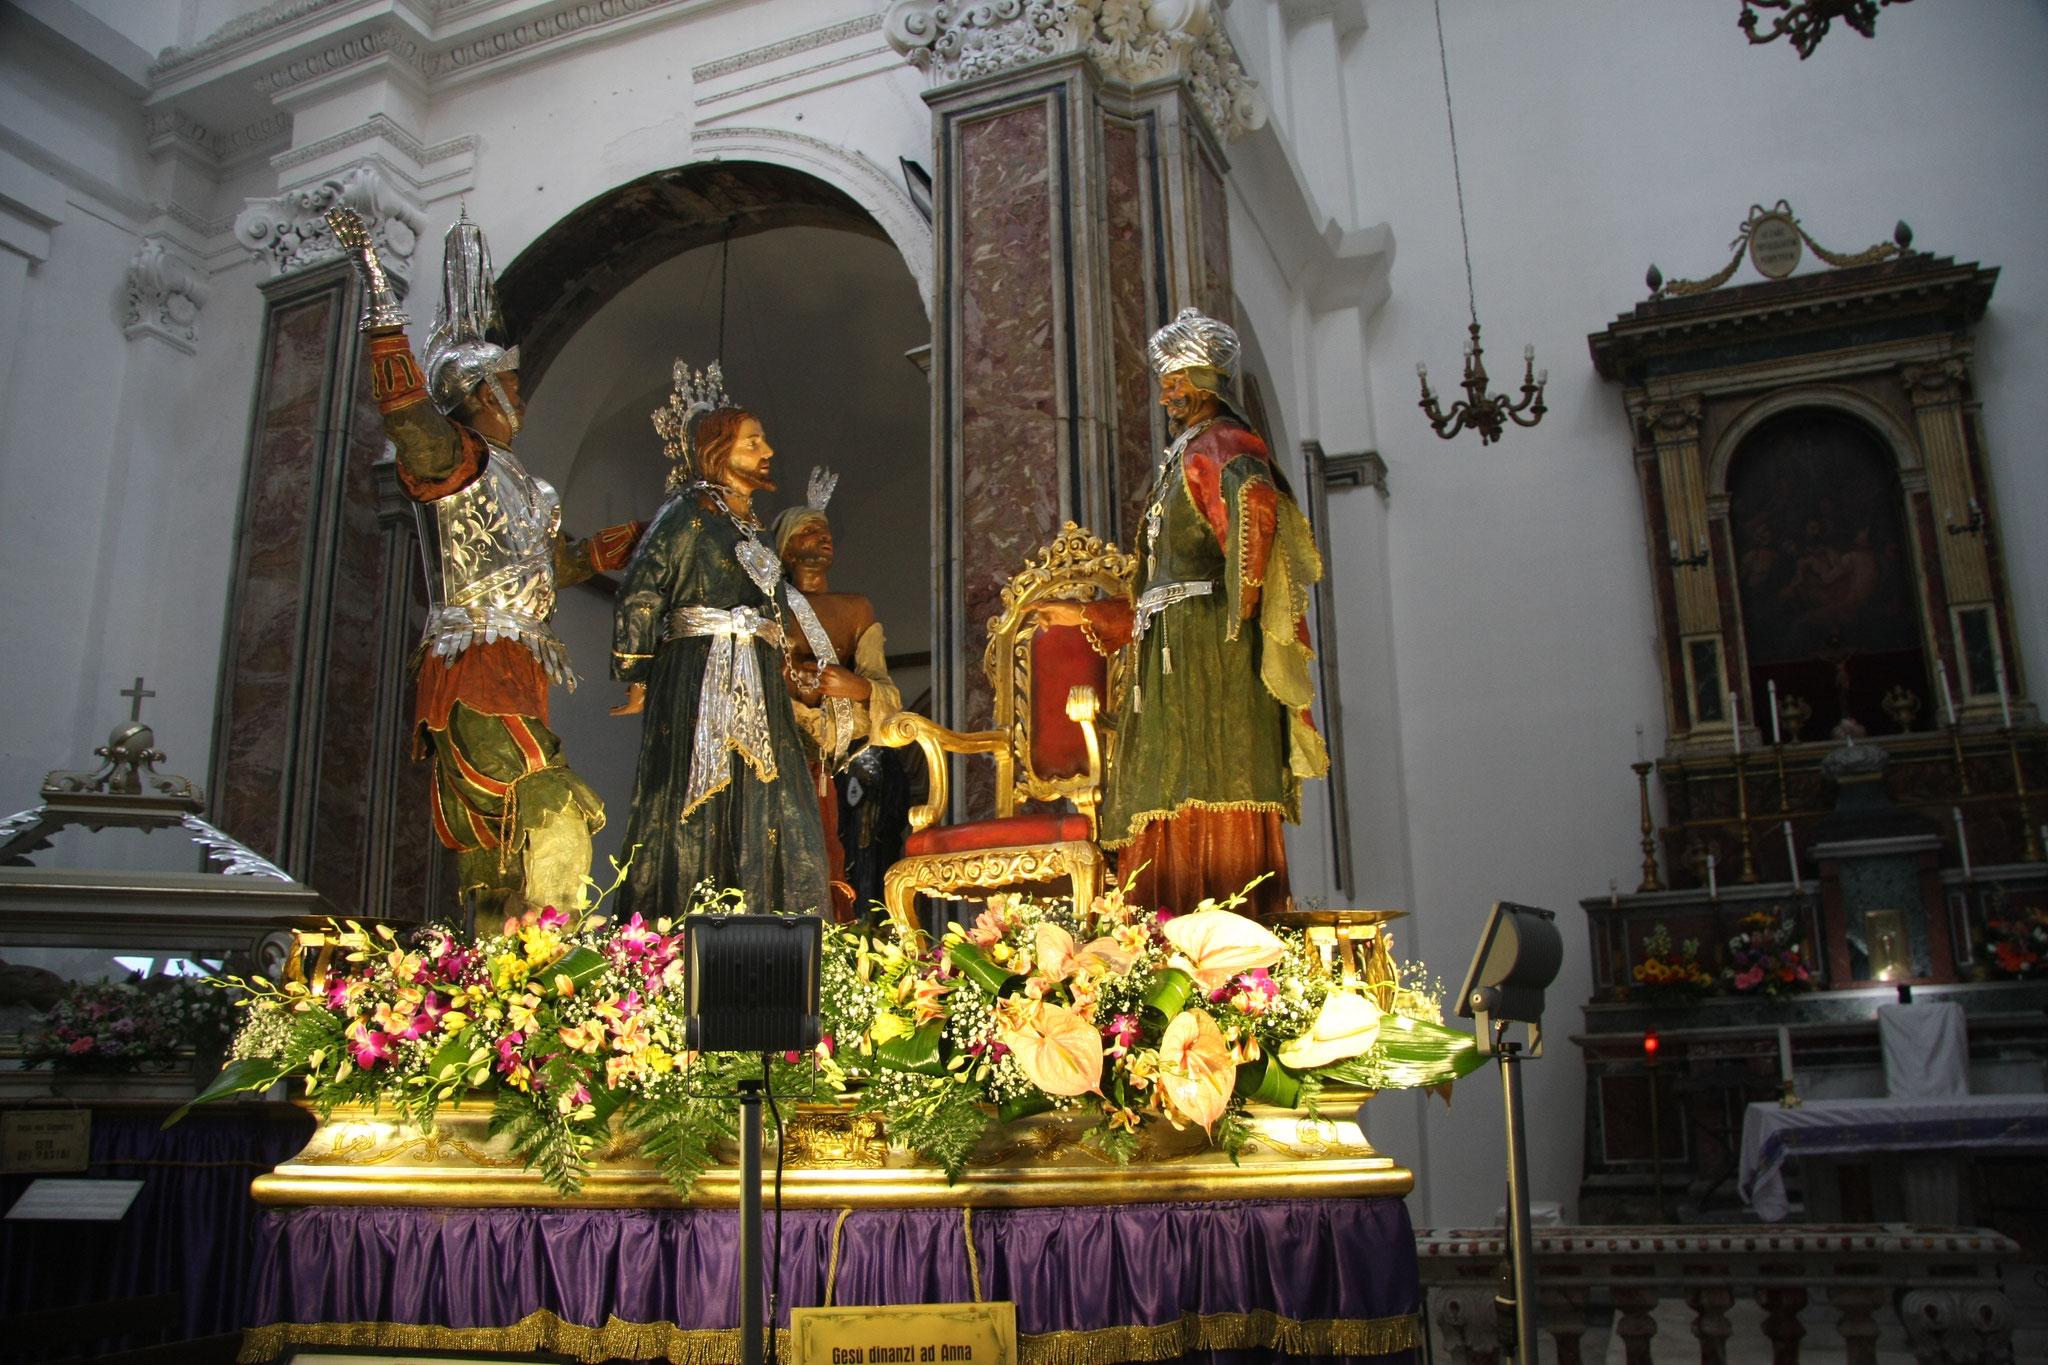 Gesù Dinanzi ad Hannan - Ceto Fruttivendoli